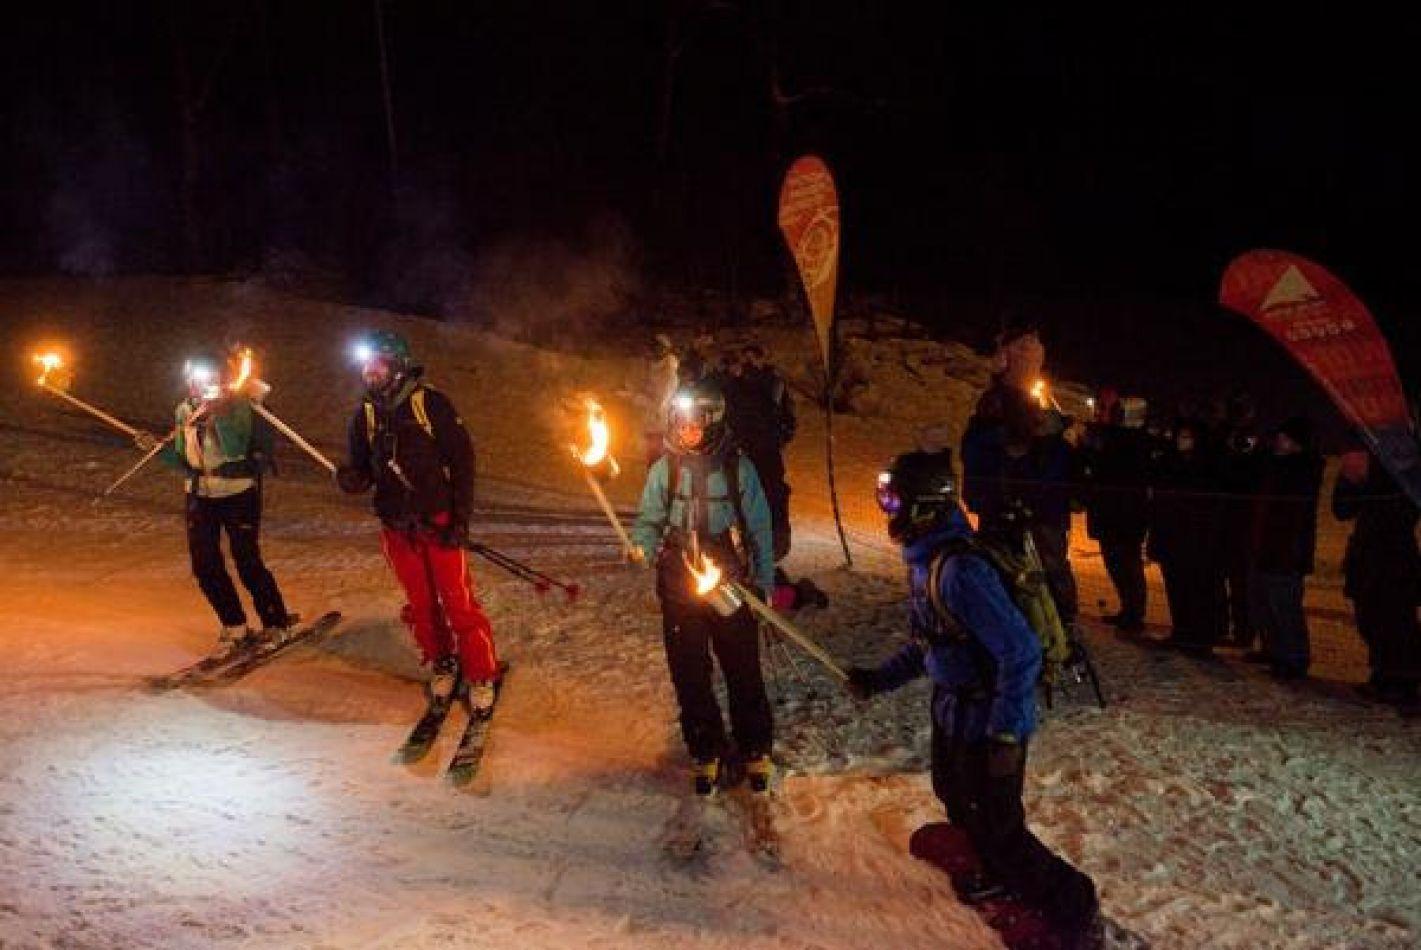 Este fín de semana se vivirán importantes eventos invernales para disfrutar en familia